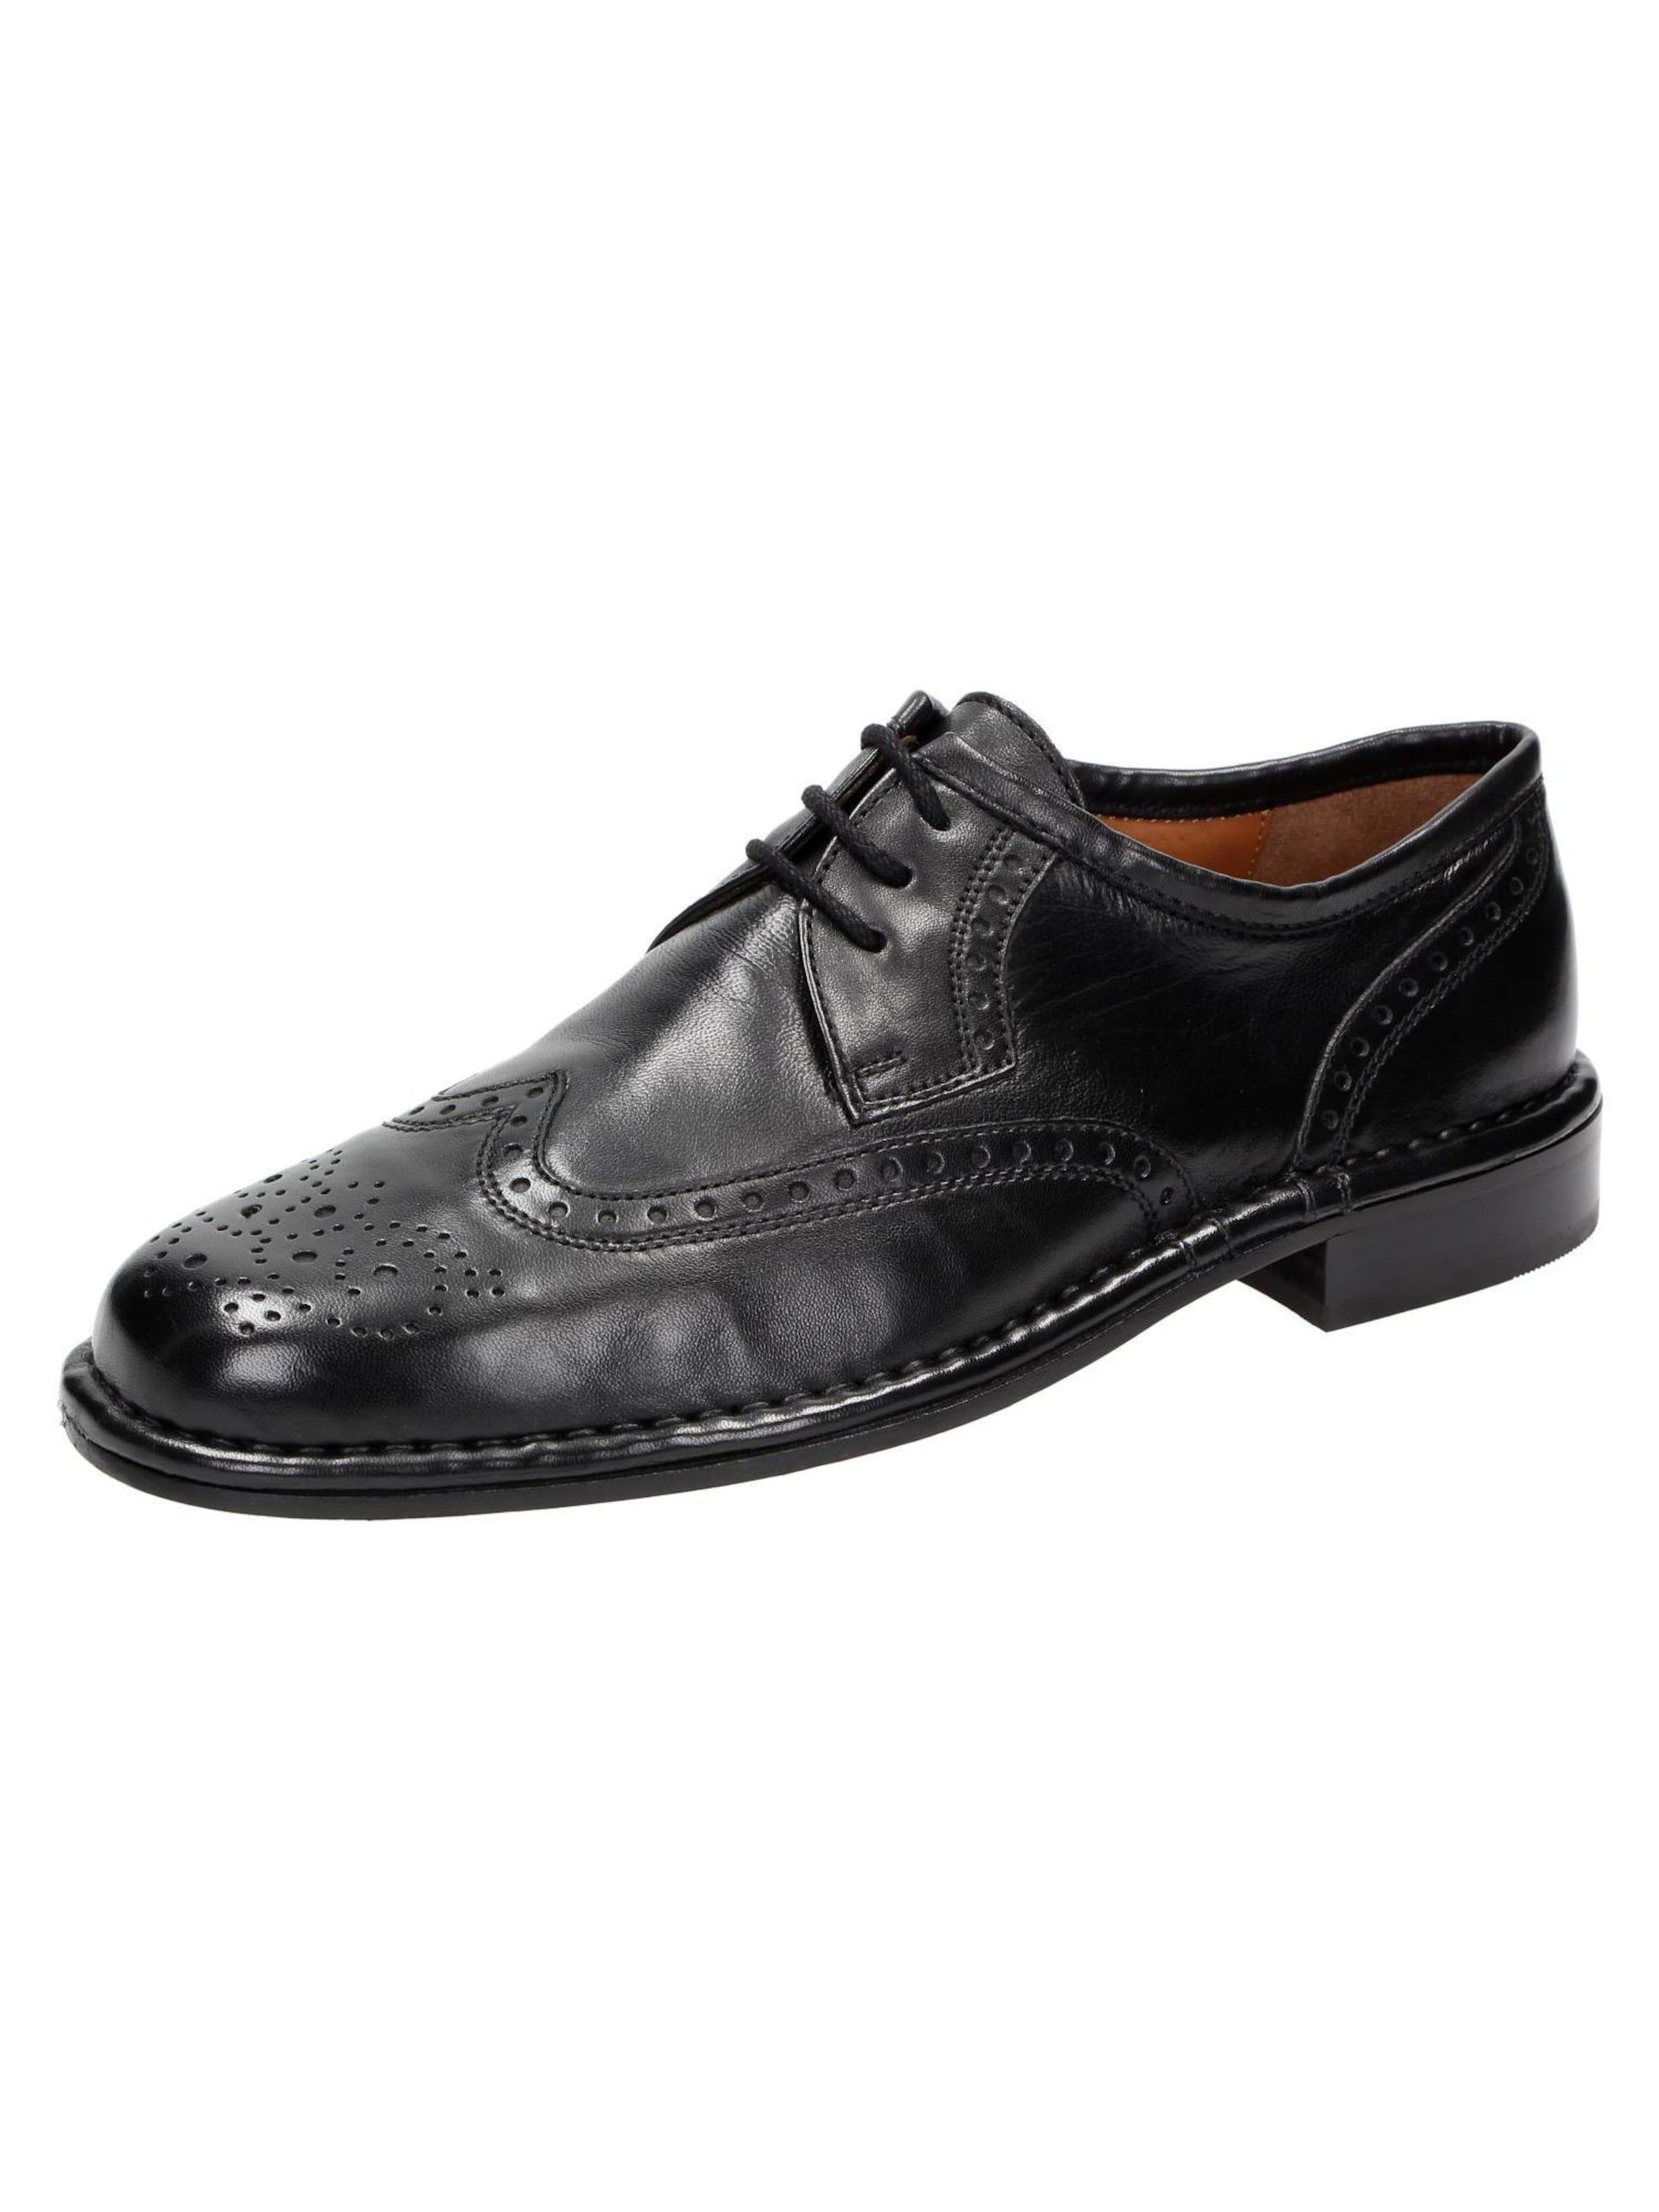 SIOUX Schnürschuh Glasgow Verschleißfeste billige Schuhe